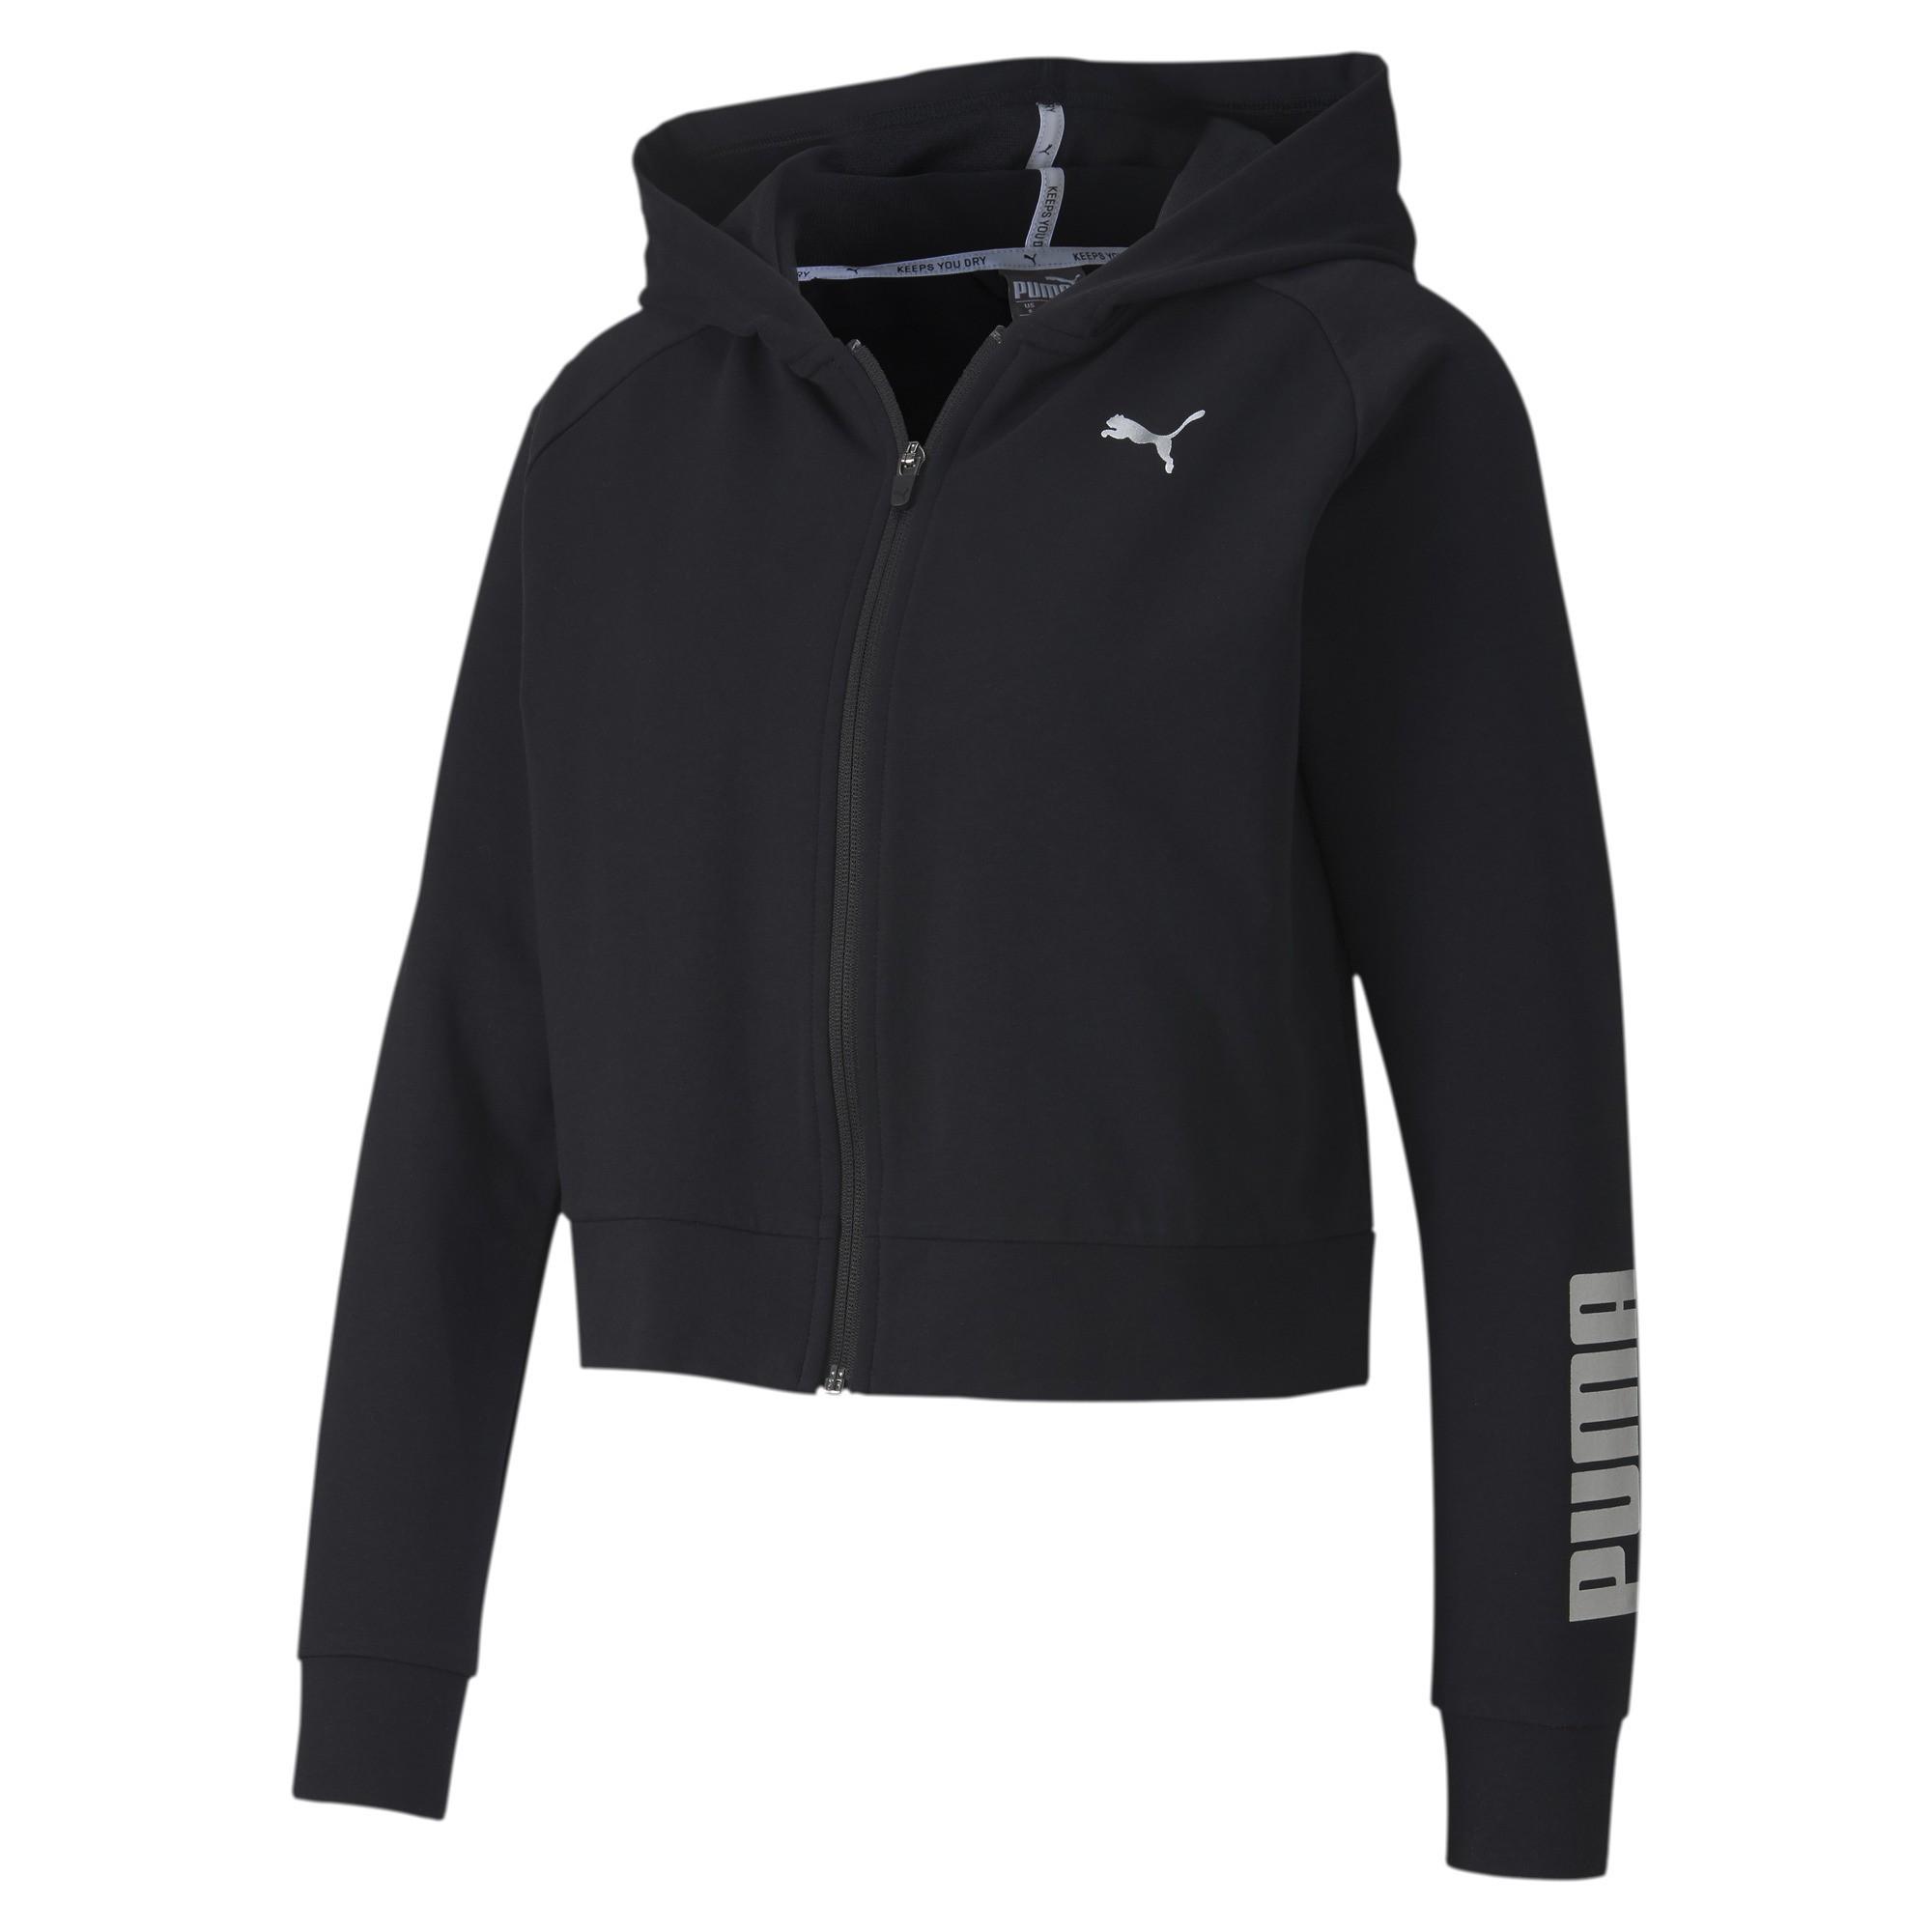 Puma Rtg Fz Jacket, M, Damen Damen 581479